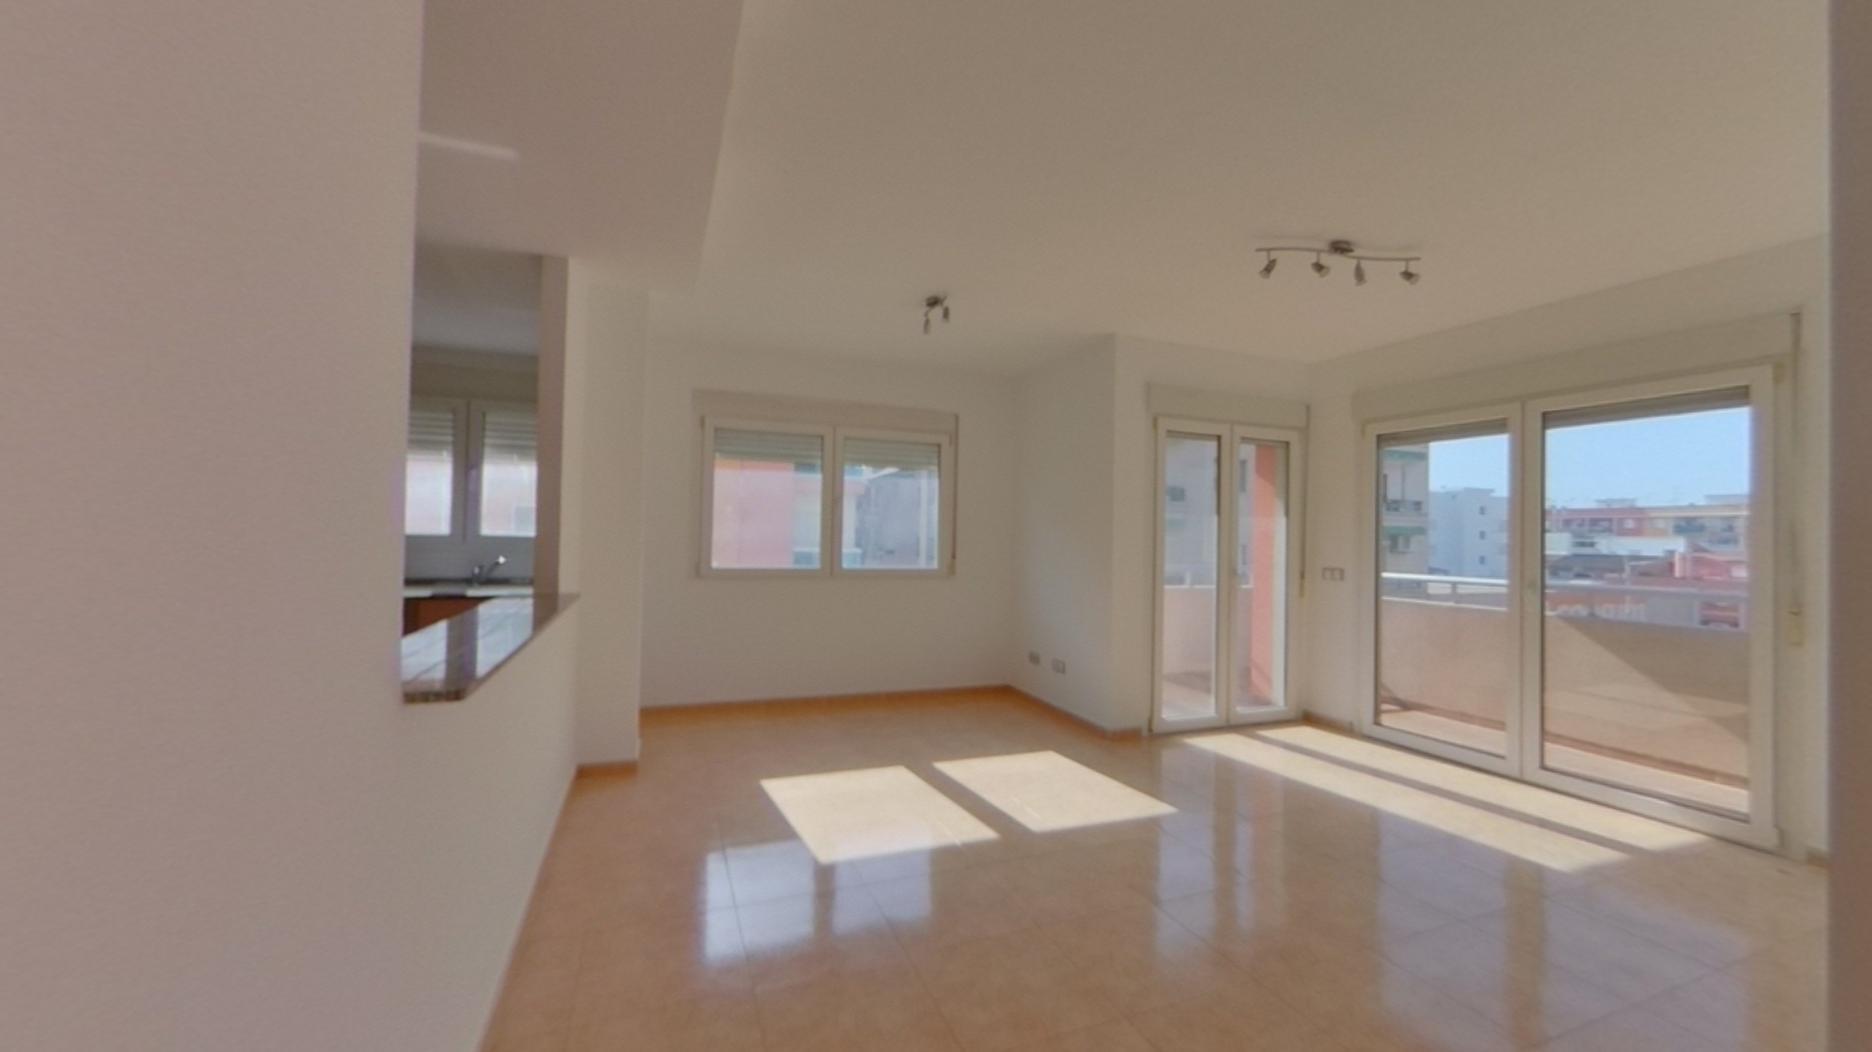 Alquiler Piso  C/ segària. Solvia inmobiliaria - piso verger (el)